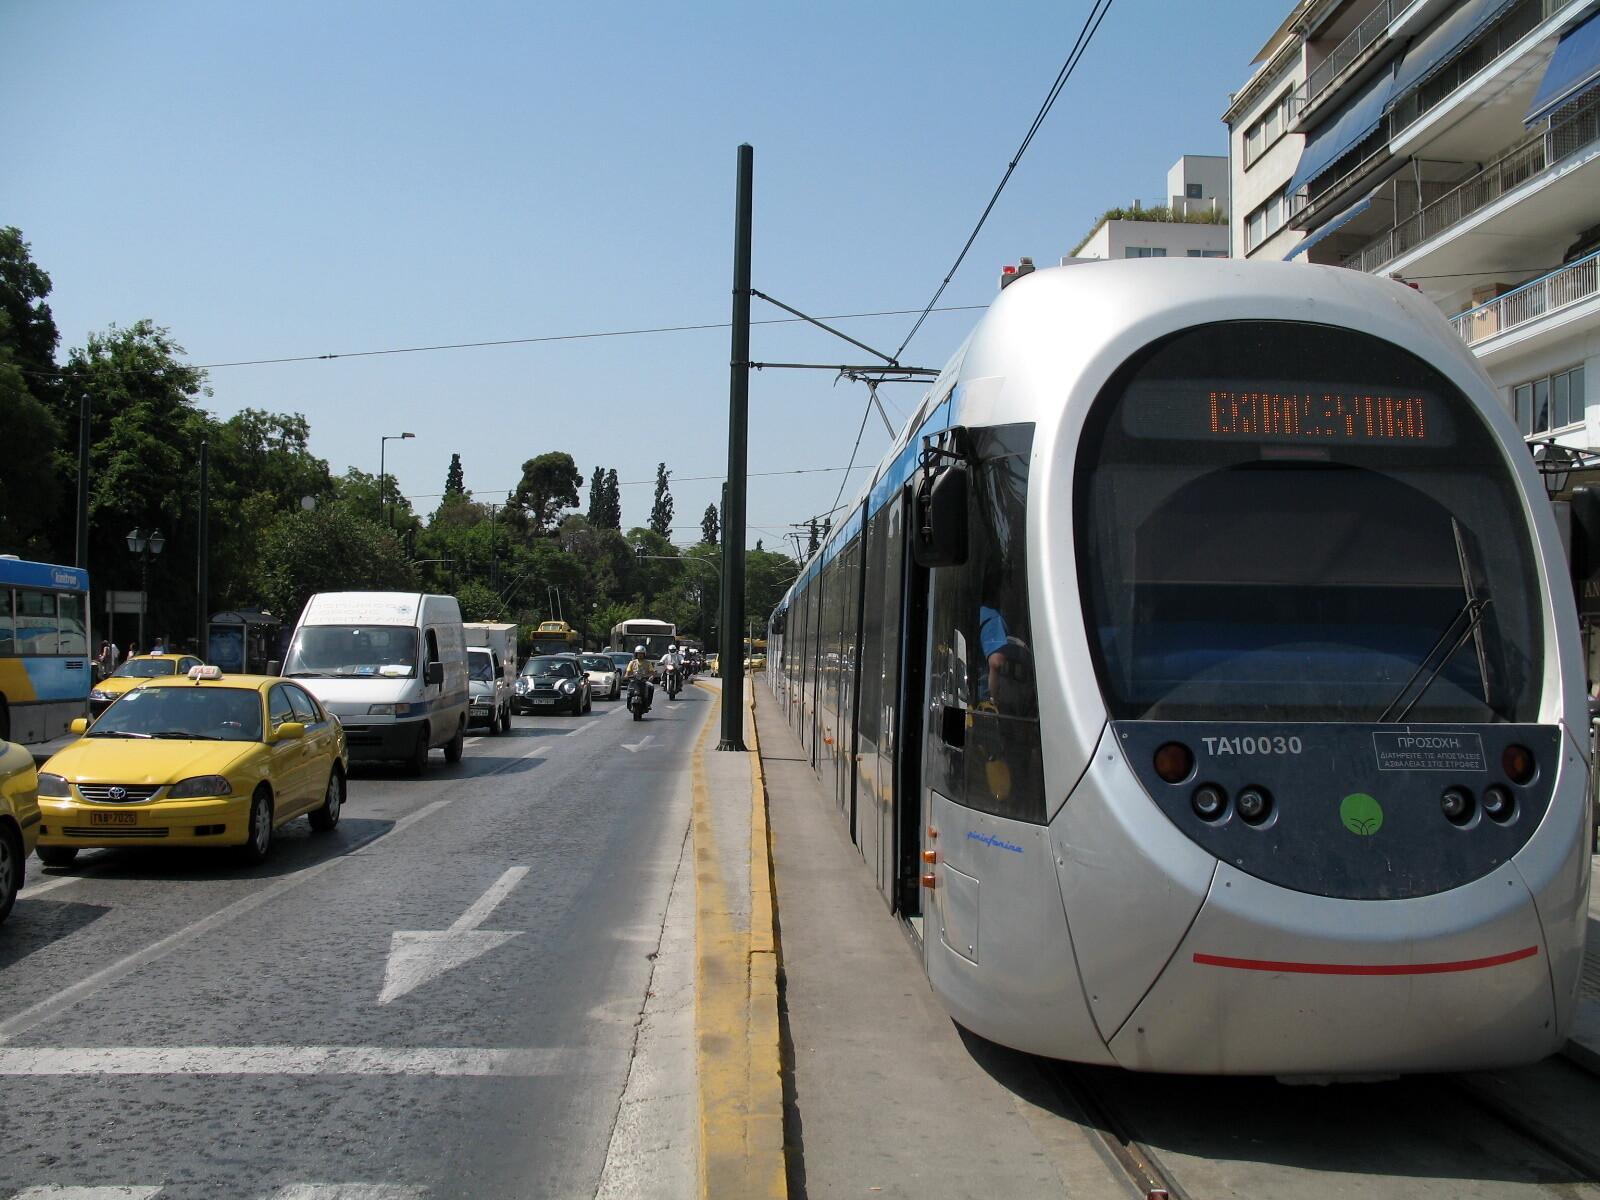 Mezzi pubblici ad Atene - Spostarsi ad Atene